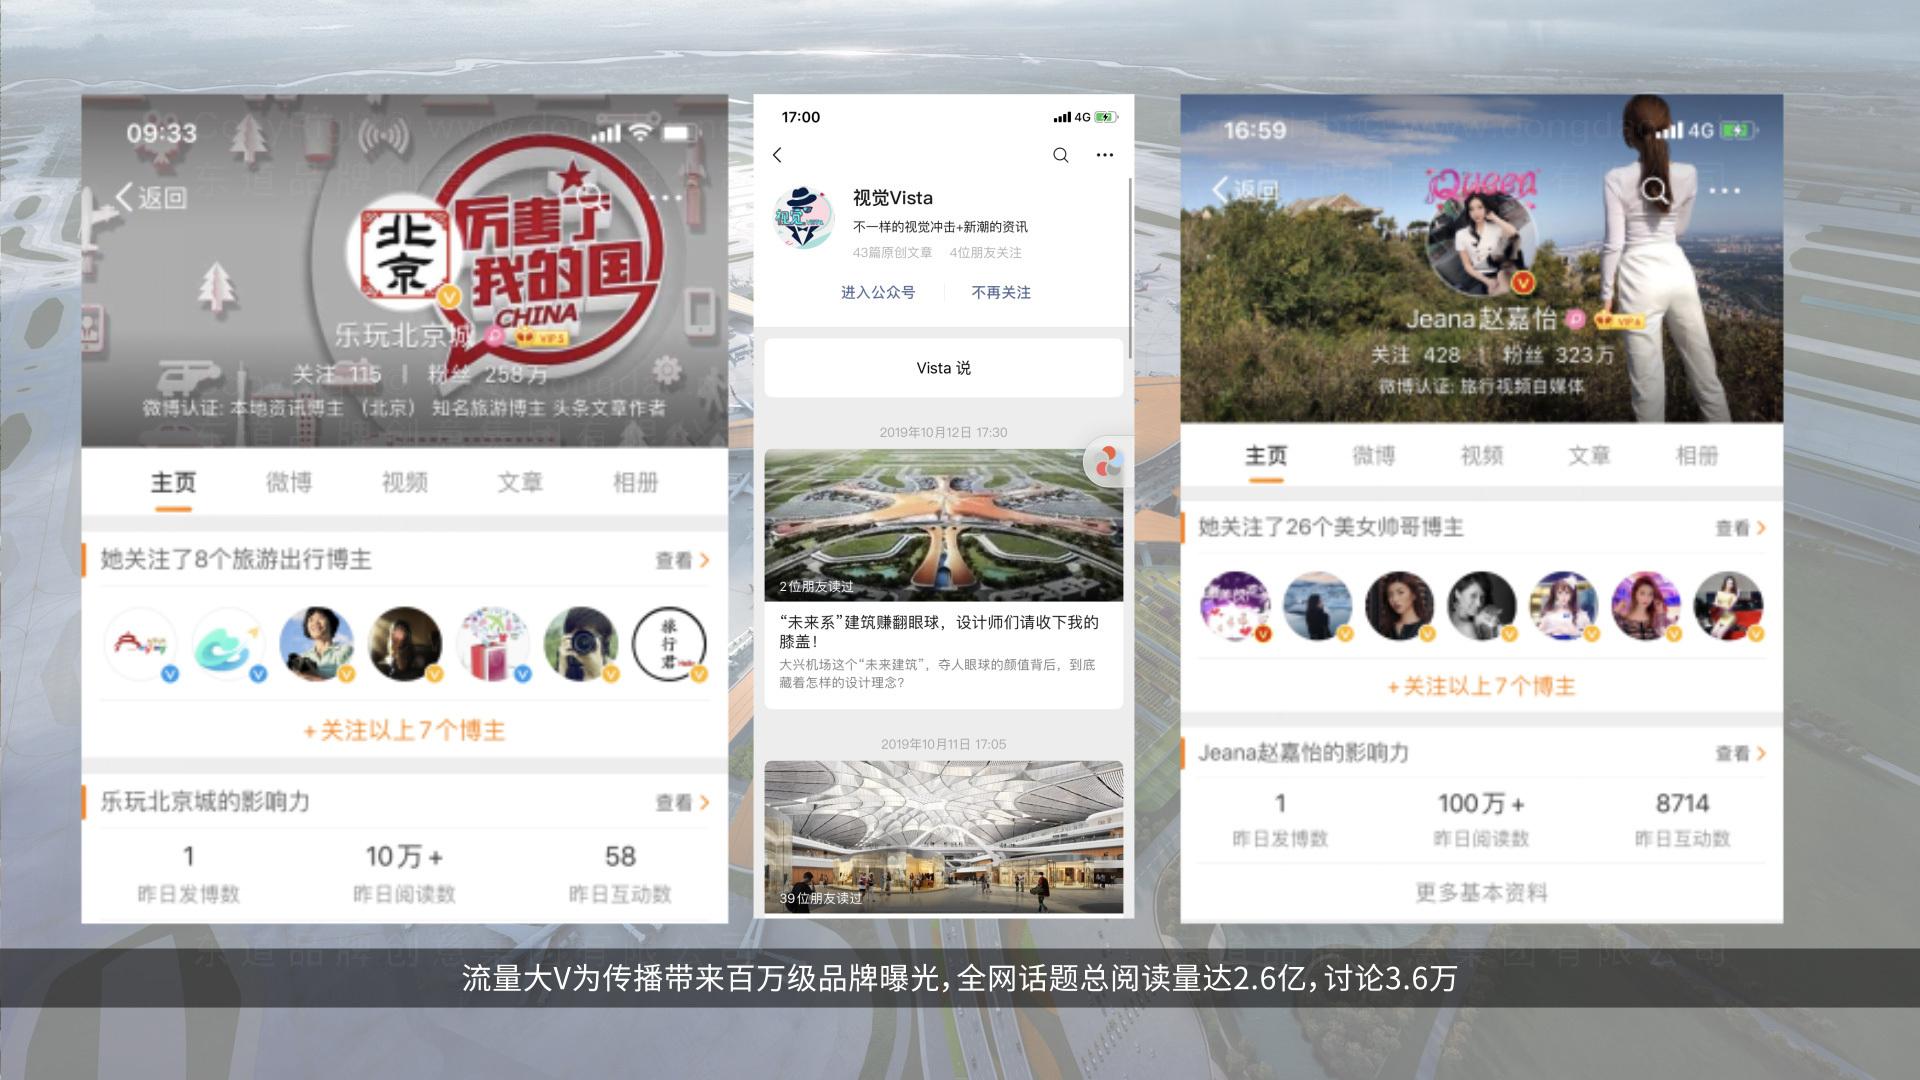 公关传播大兴机场品牌战略+传播推广应用场景_7